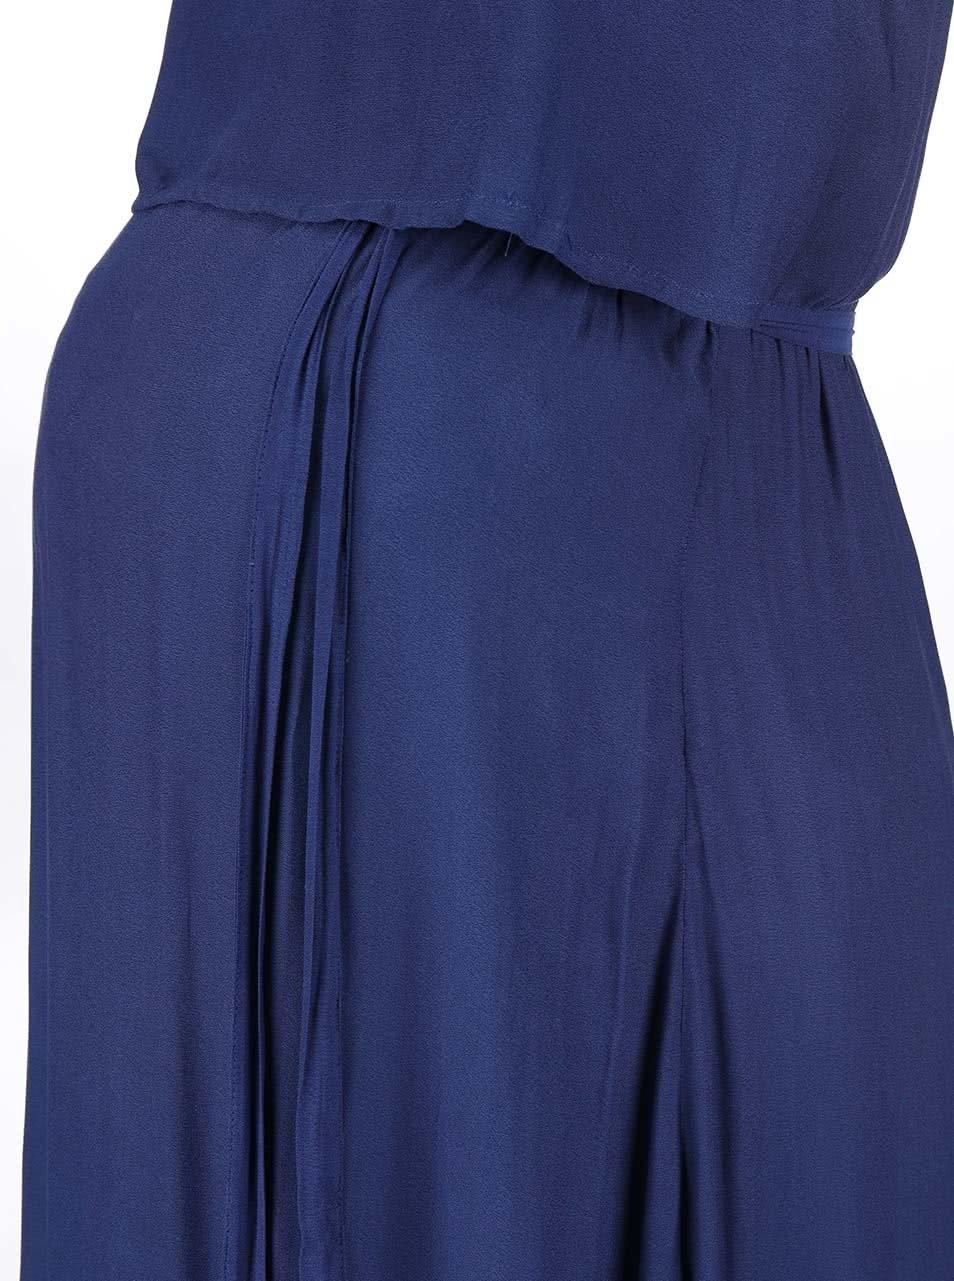 5b4dbe697703 Modré tehotenské šaty Mama.licious Ketty ...